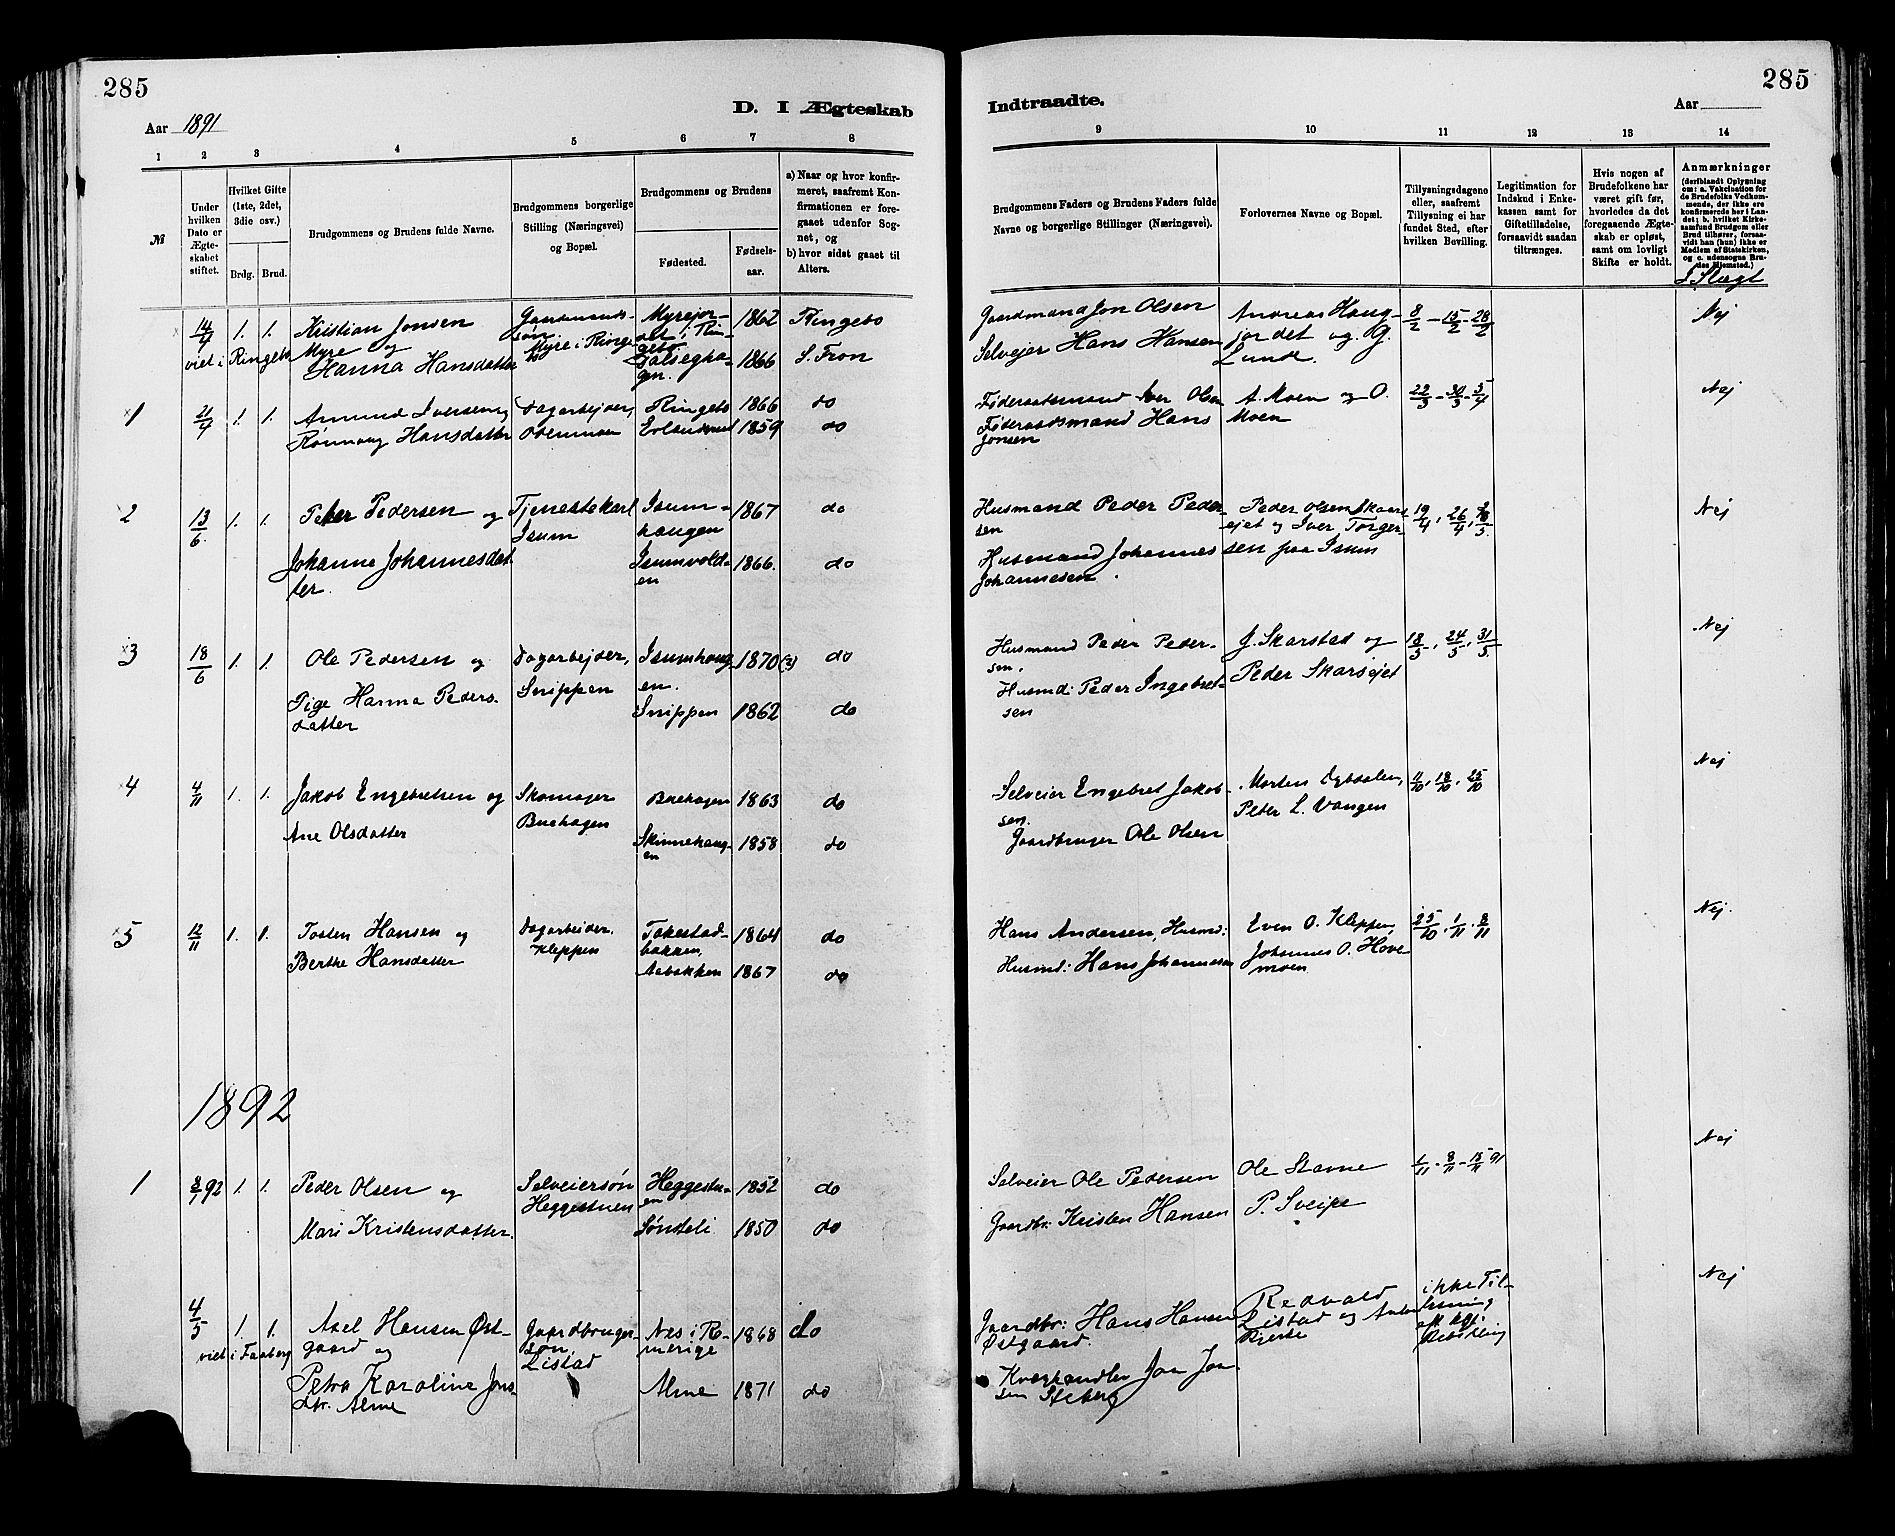 SAH, Sør-Fron prestekontor, H/Ha/Haa/L0003: Ministerialbok nr. 3, 1881-1897, s. 285